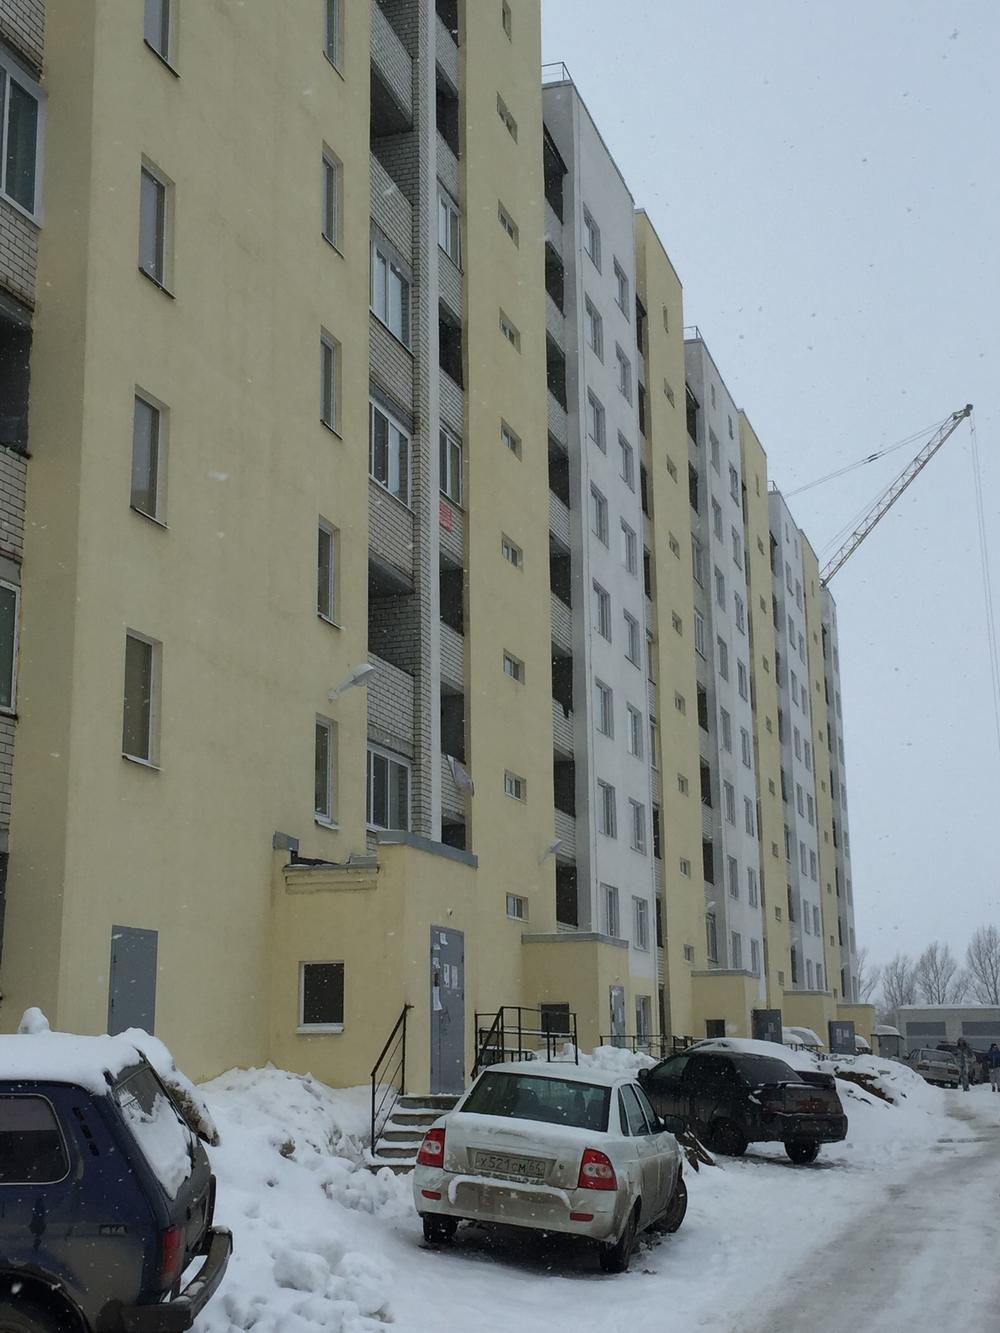 Продам 2-комнатную квартиру в городе Саратов, на улице Романтиков, 46, 6-этаж 9-этажного  дома, площадь: 53/30/12 м2